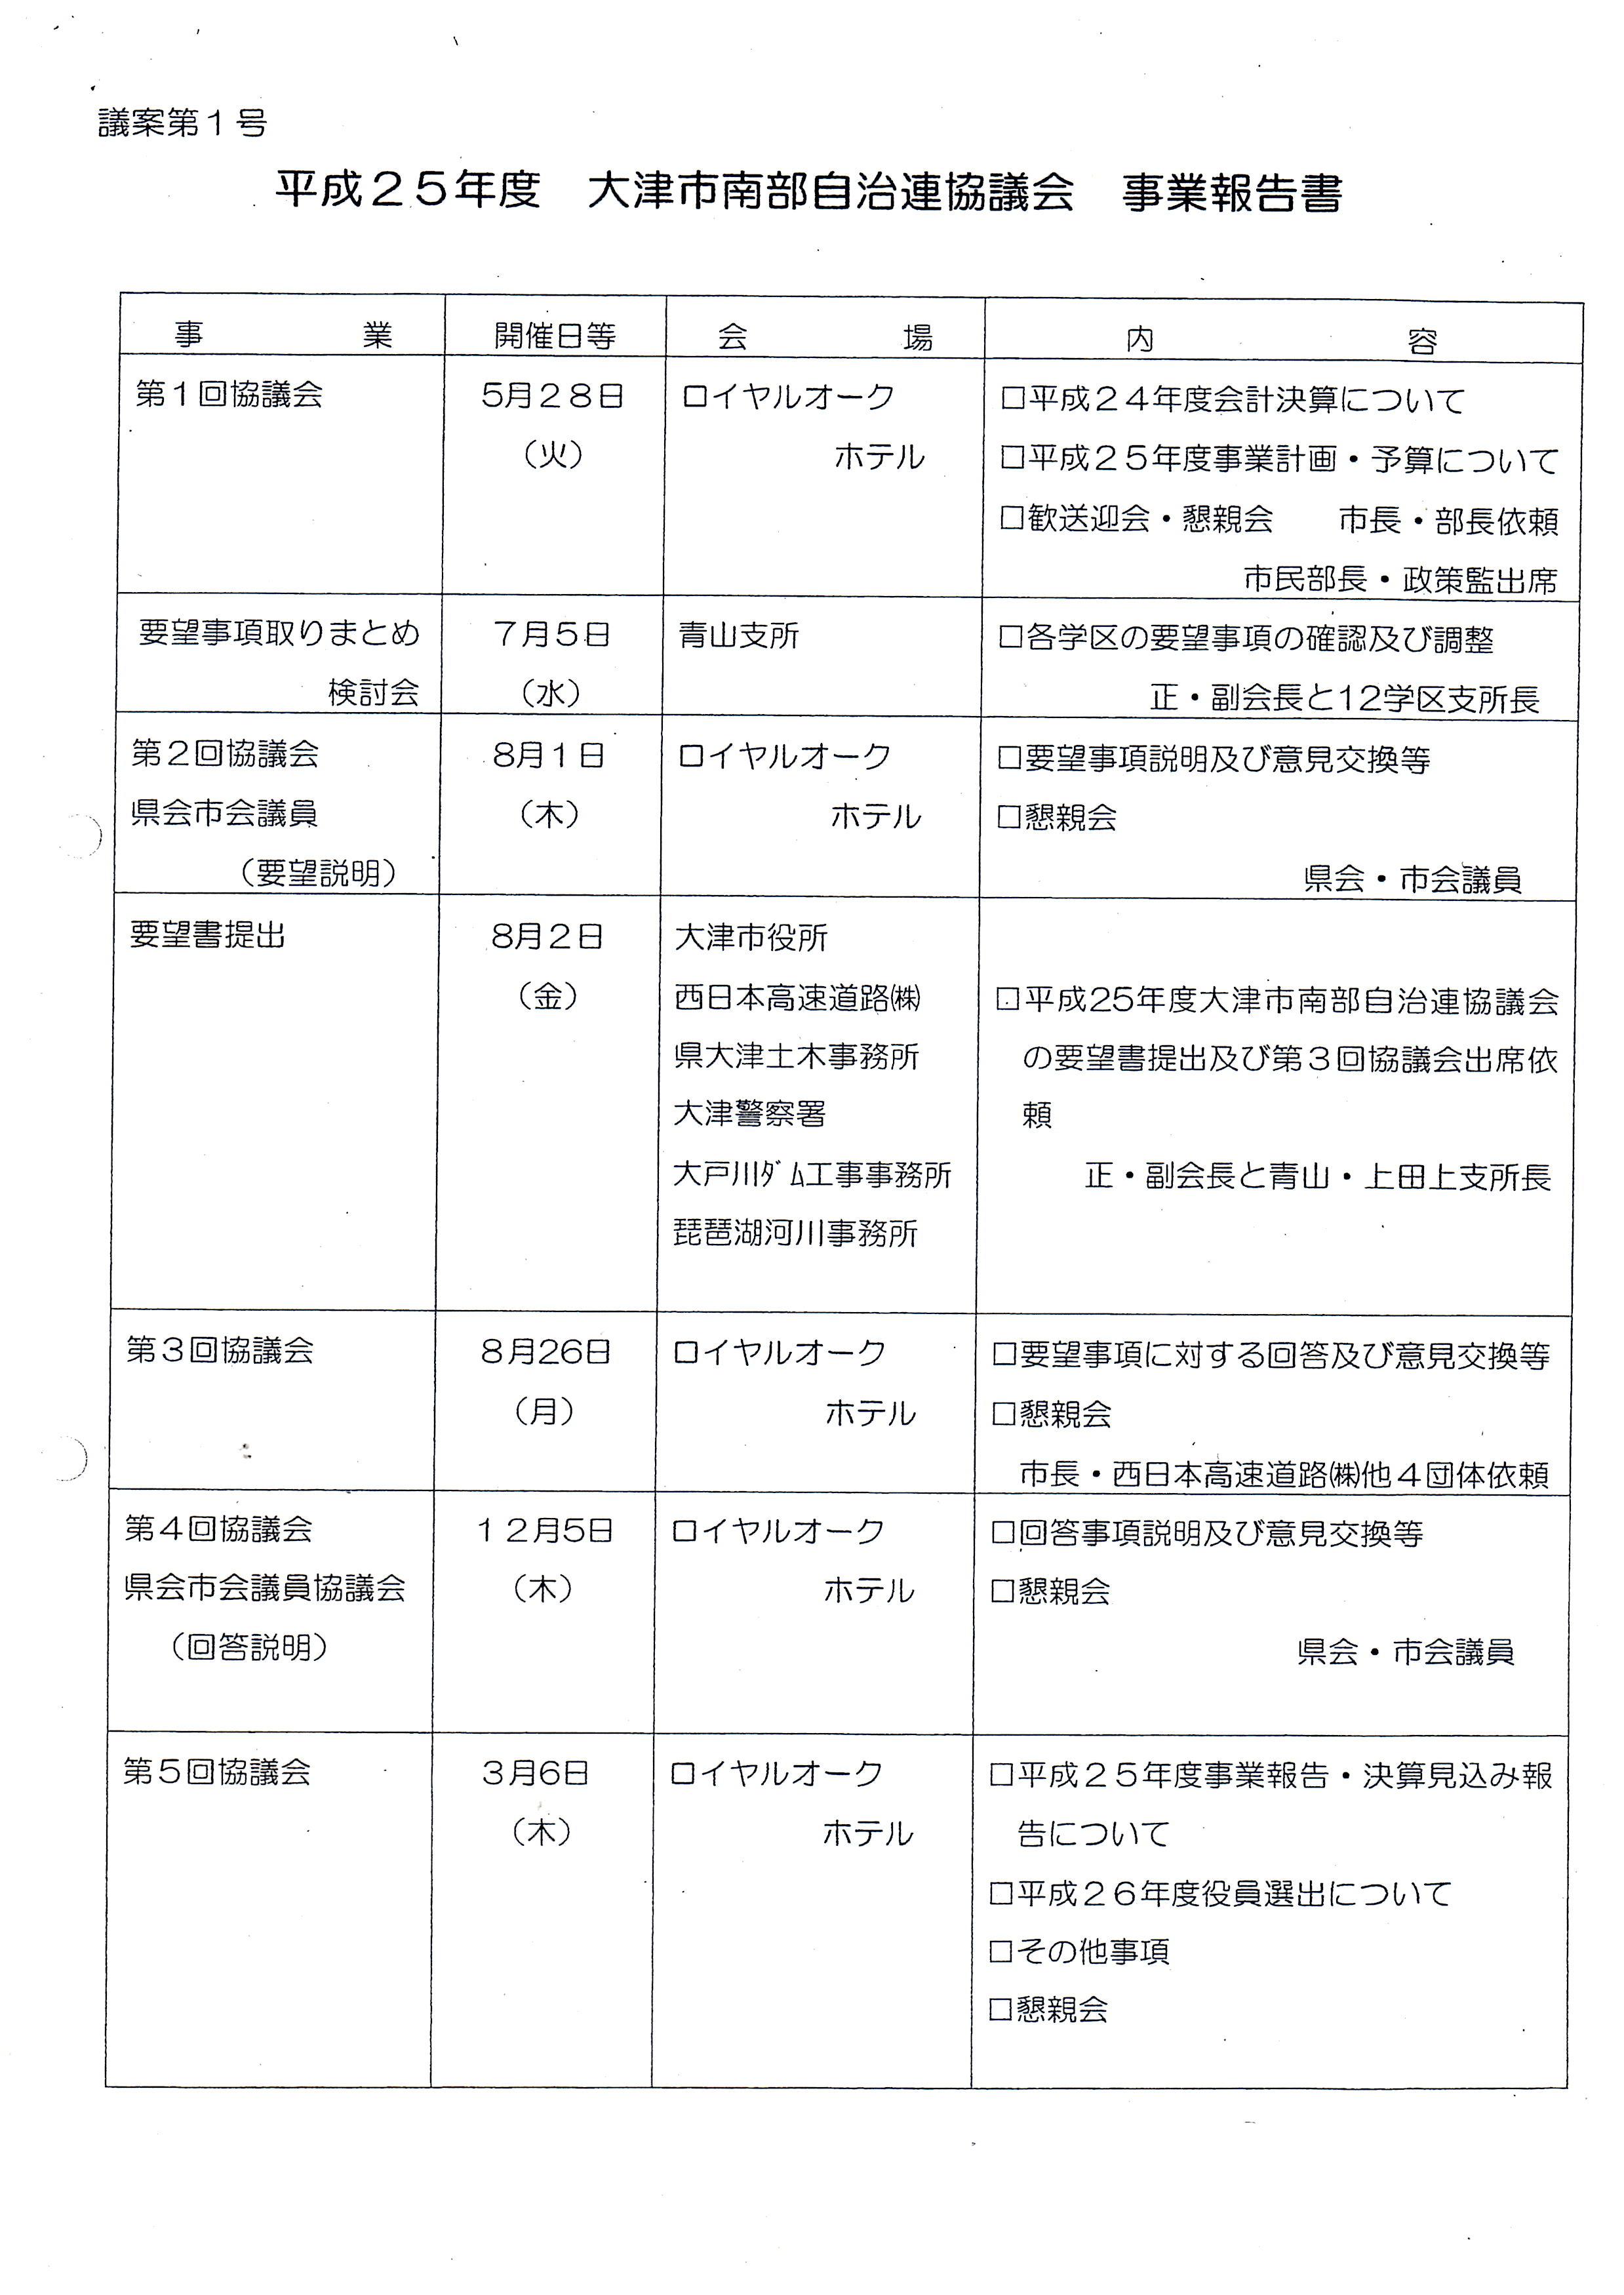 南部自治連/平成25年事業報告